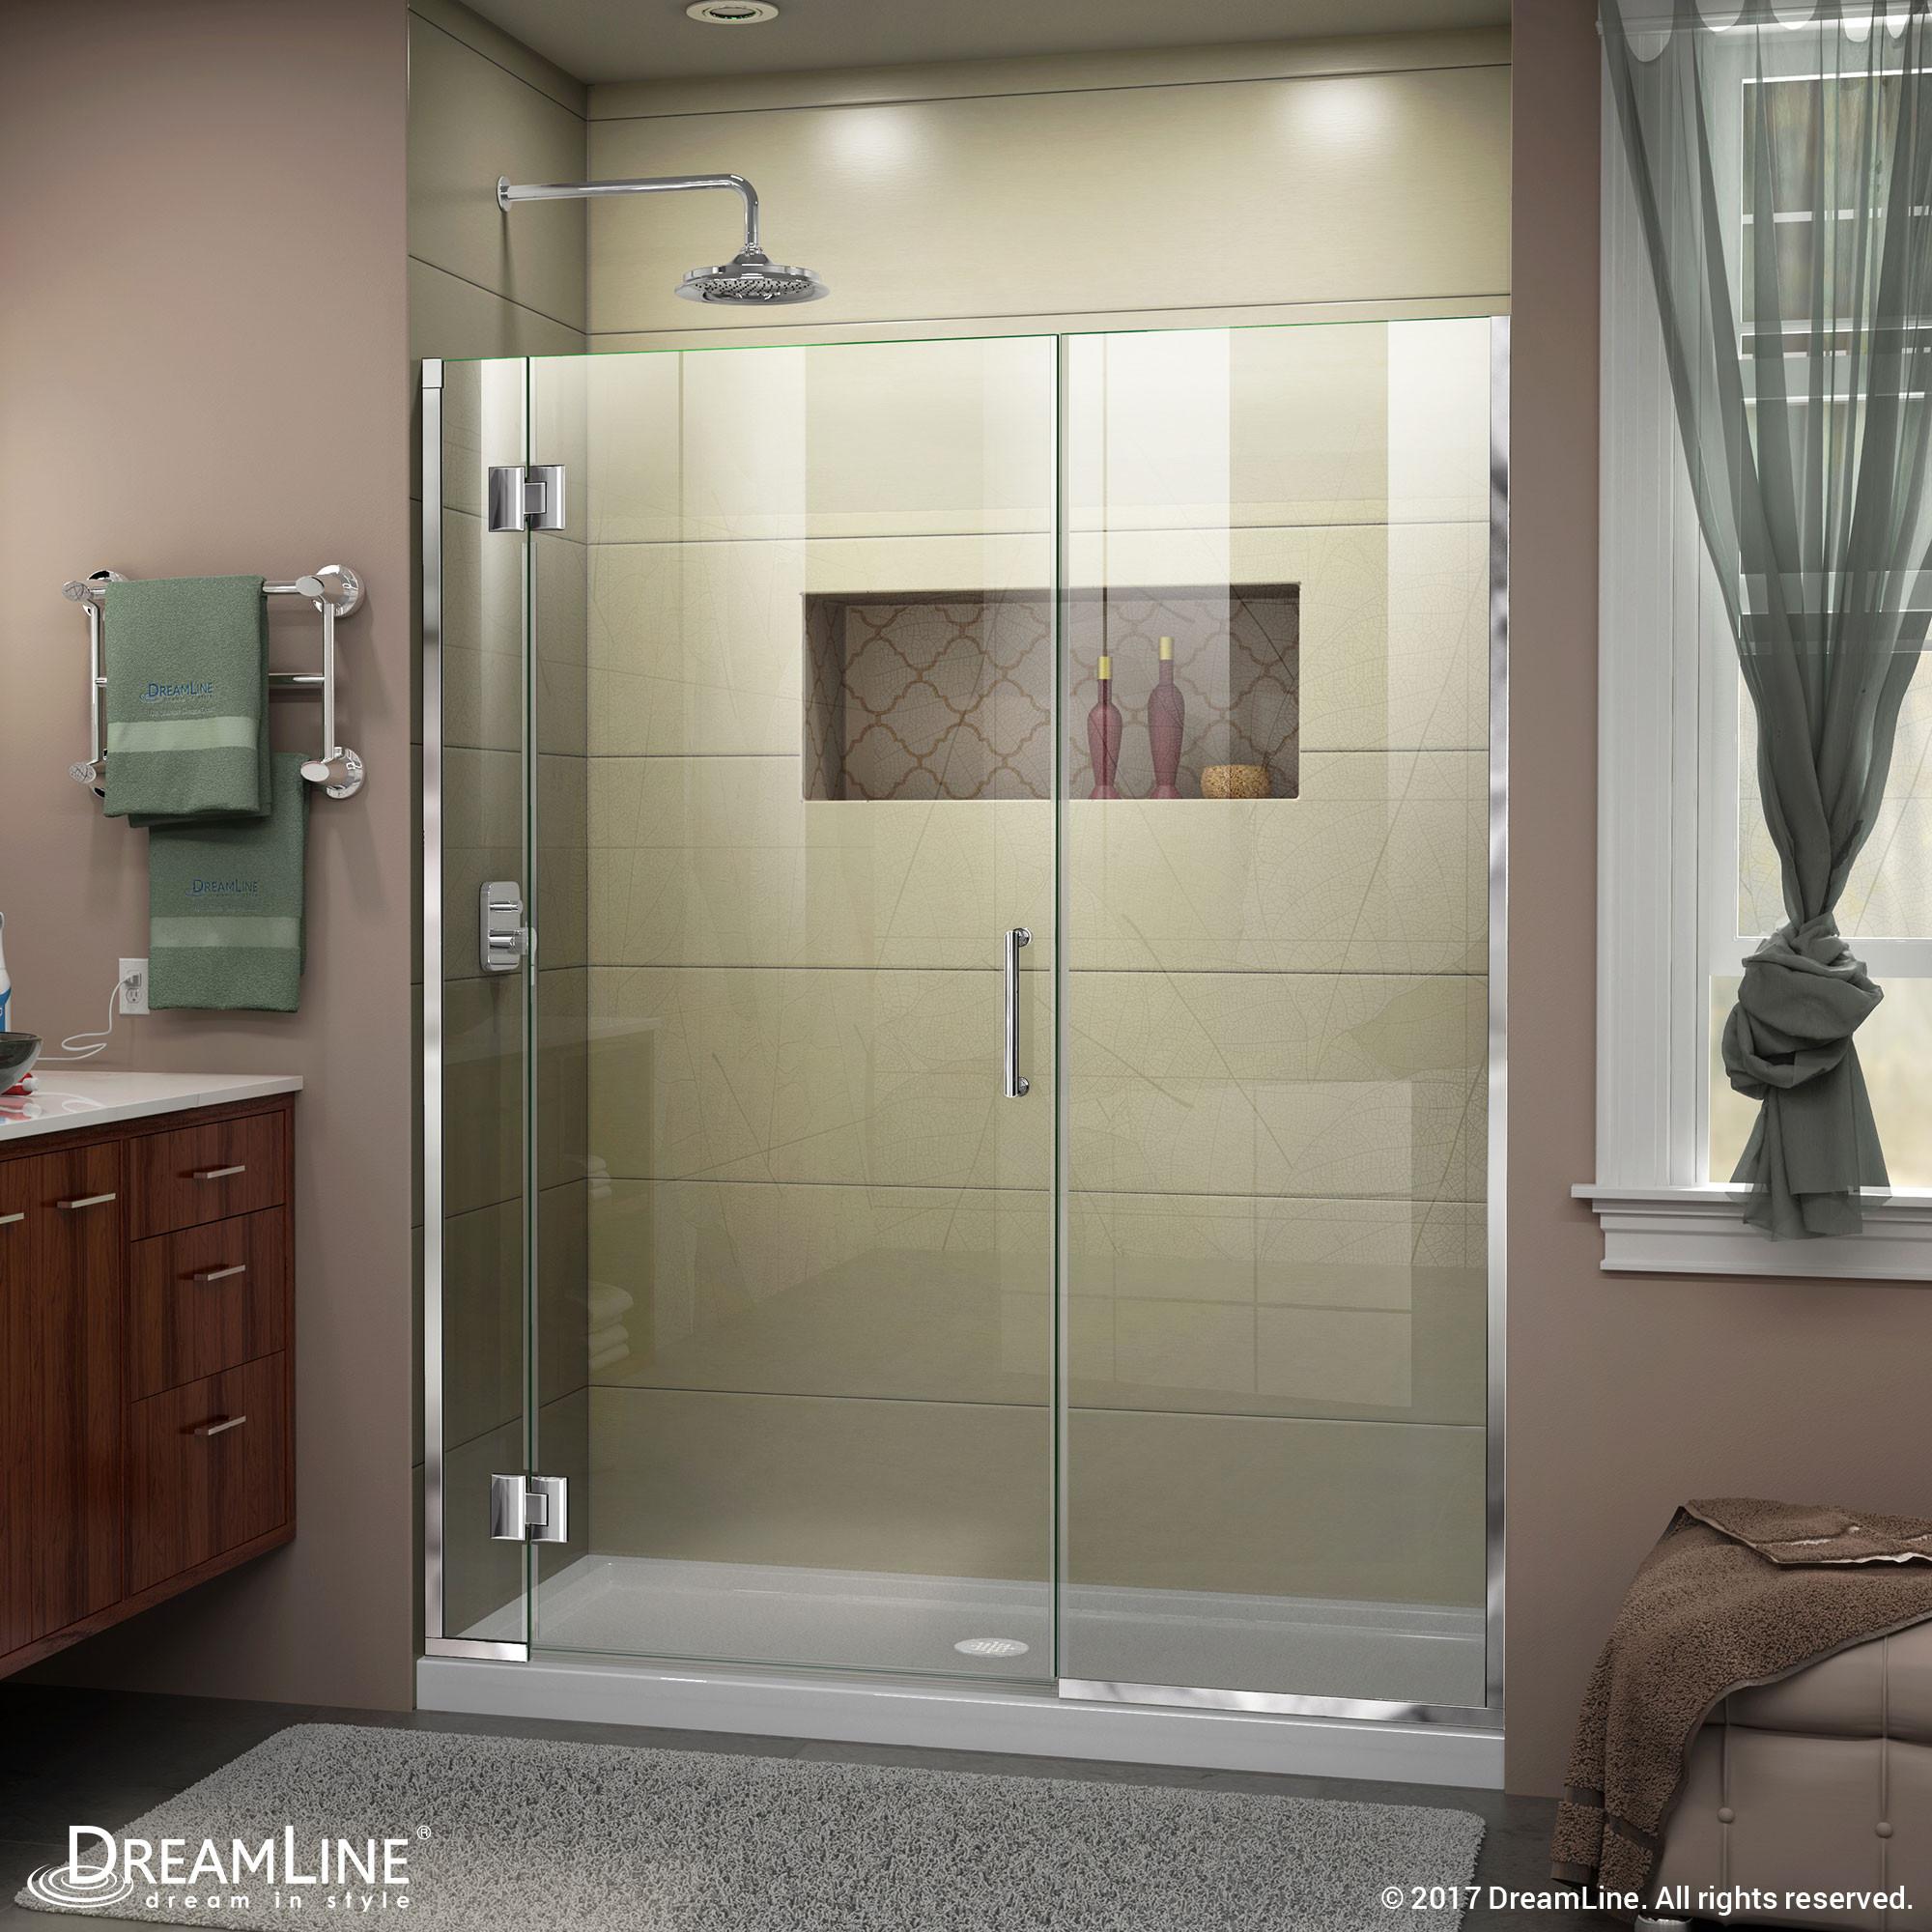 DreamLine D12514572-01 Unidoor-X 45 1/2 - 46 in. W x 72 in. H Hinged Shower Door in Chrome